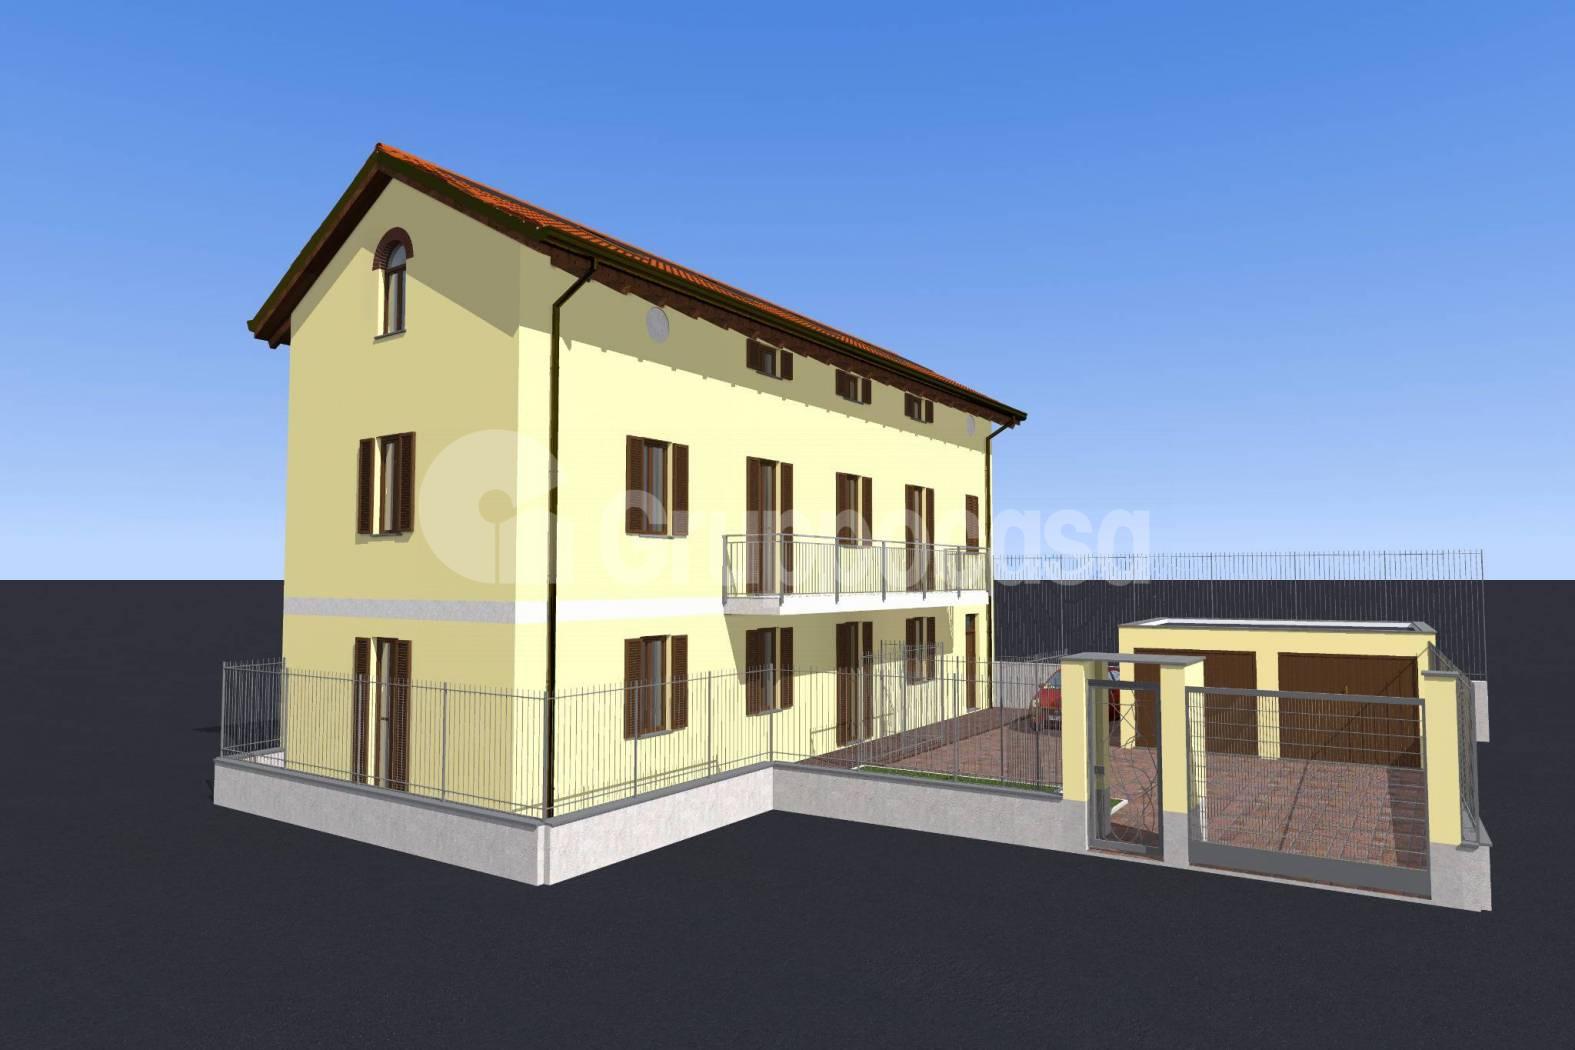 Appartamento in vendita a Abbiategrasso, 4 locali, zona adina, prezzo € 260.000 | PortaleAgenzieImmobiliari.it